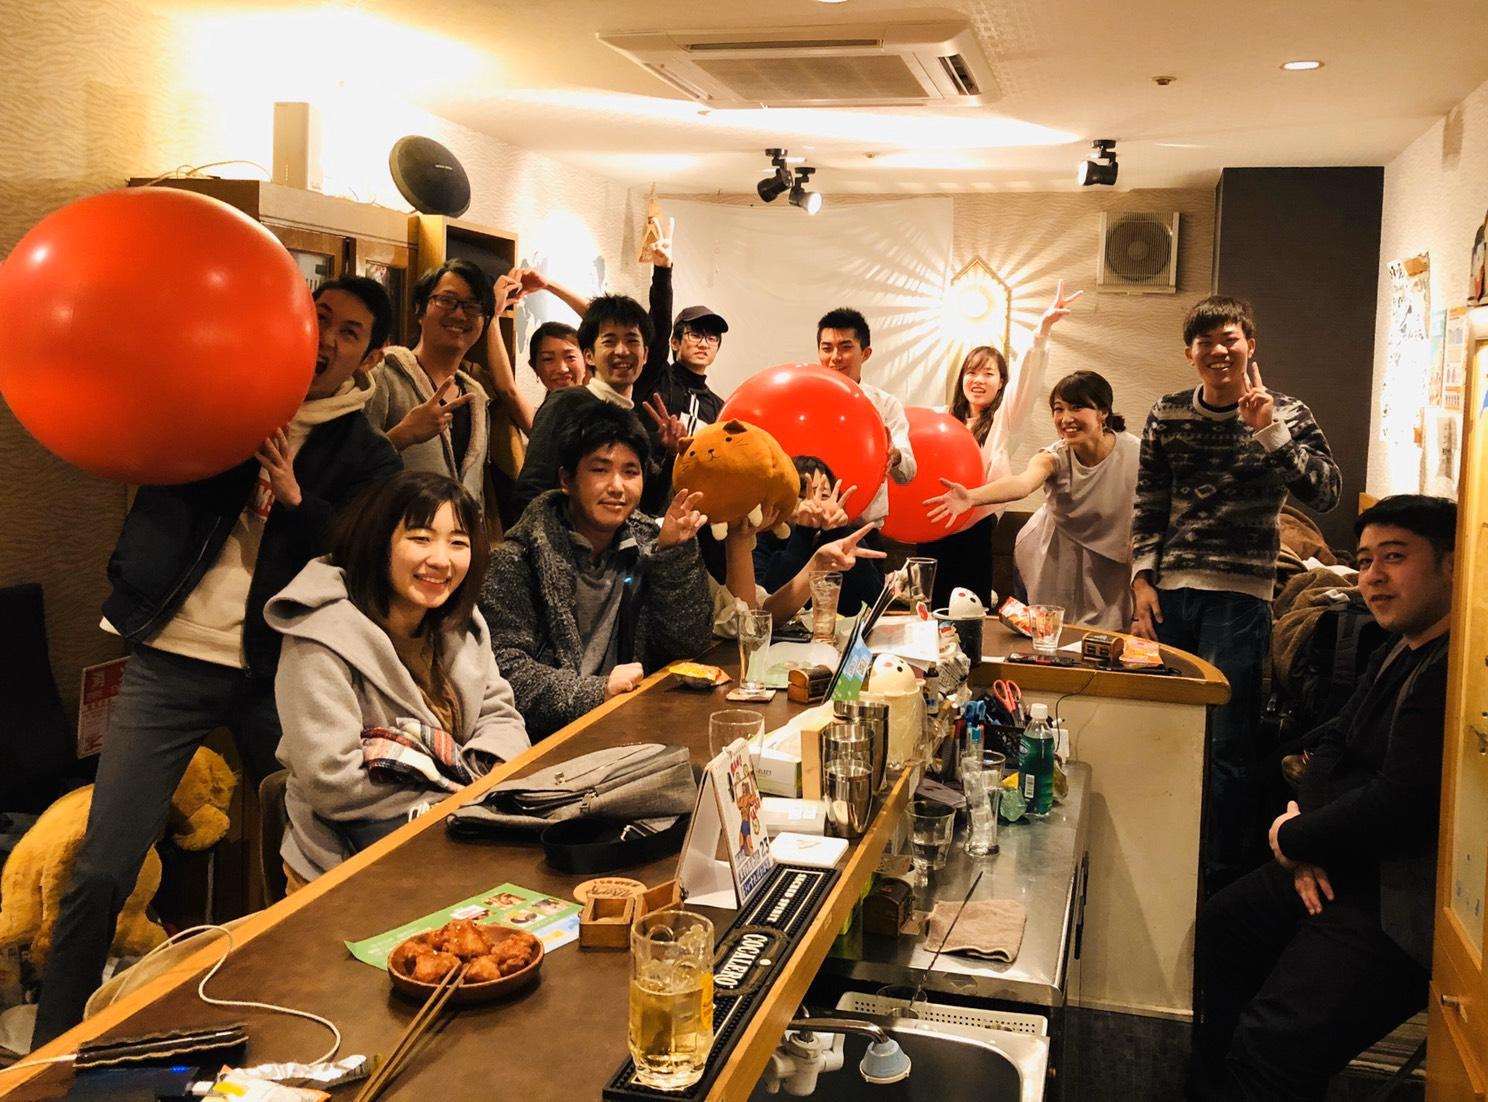 名古屋栄でカフェやバーを開業したい人におすすめな場所【物件選び、初心者む行け】